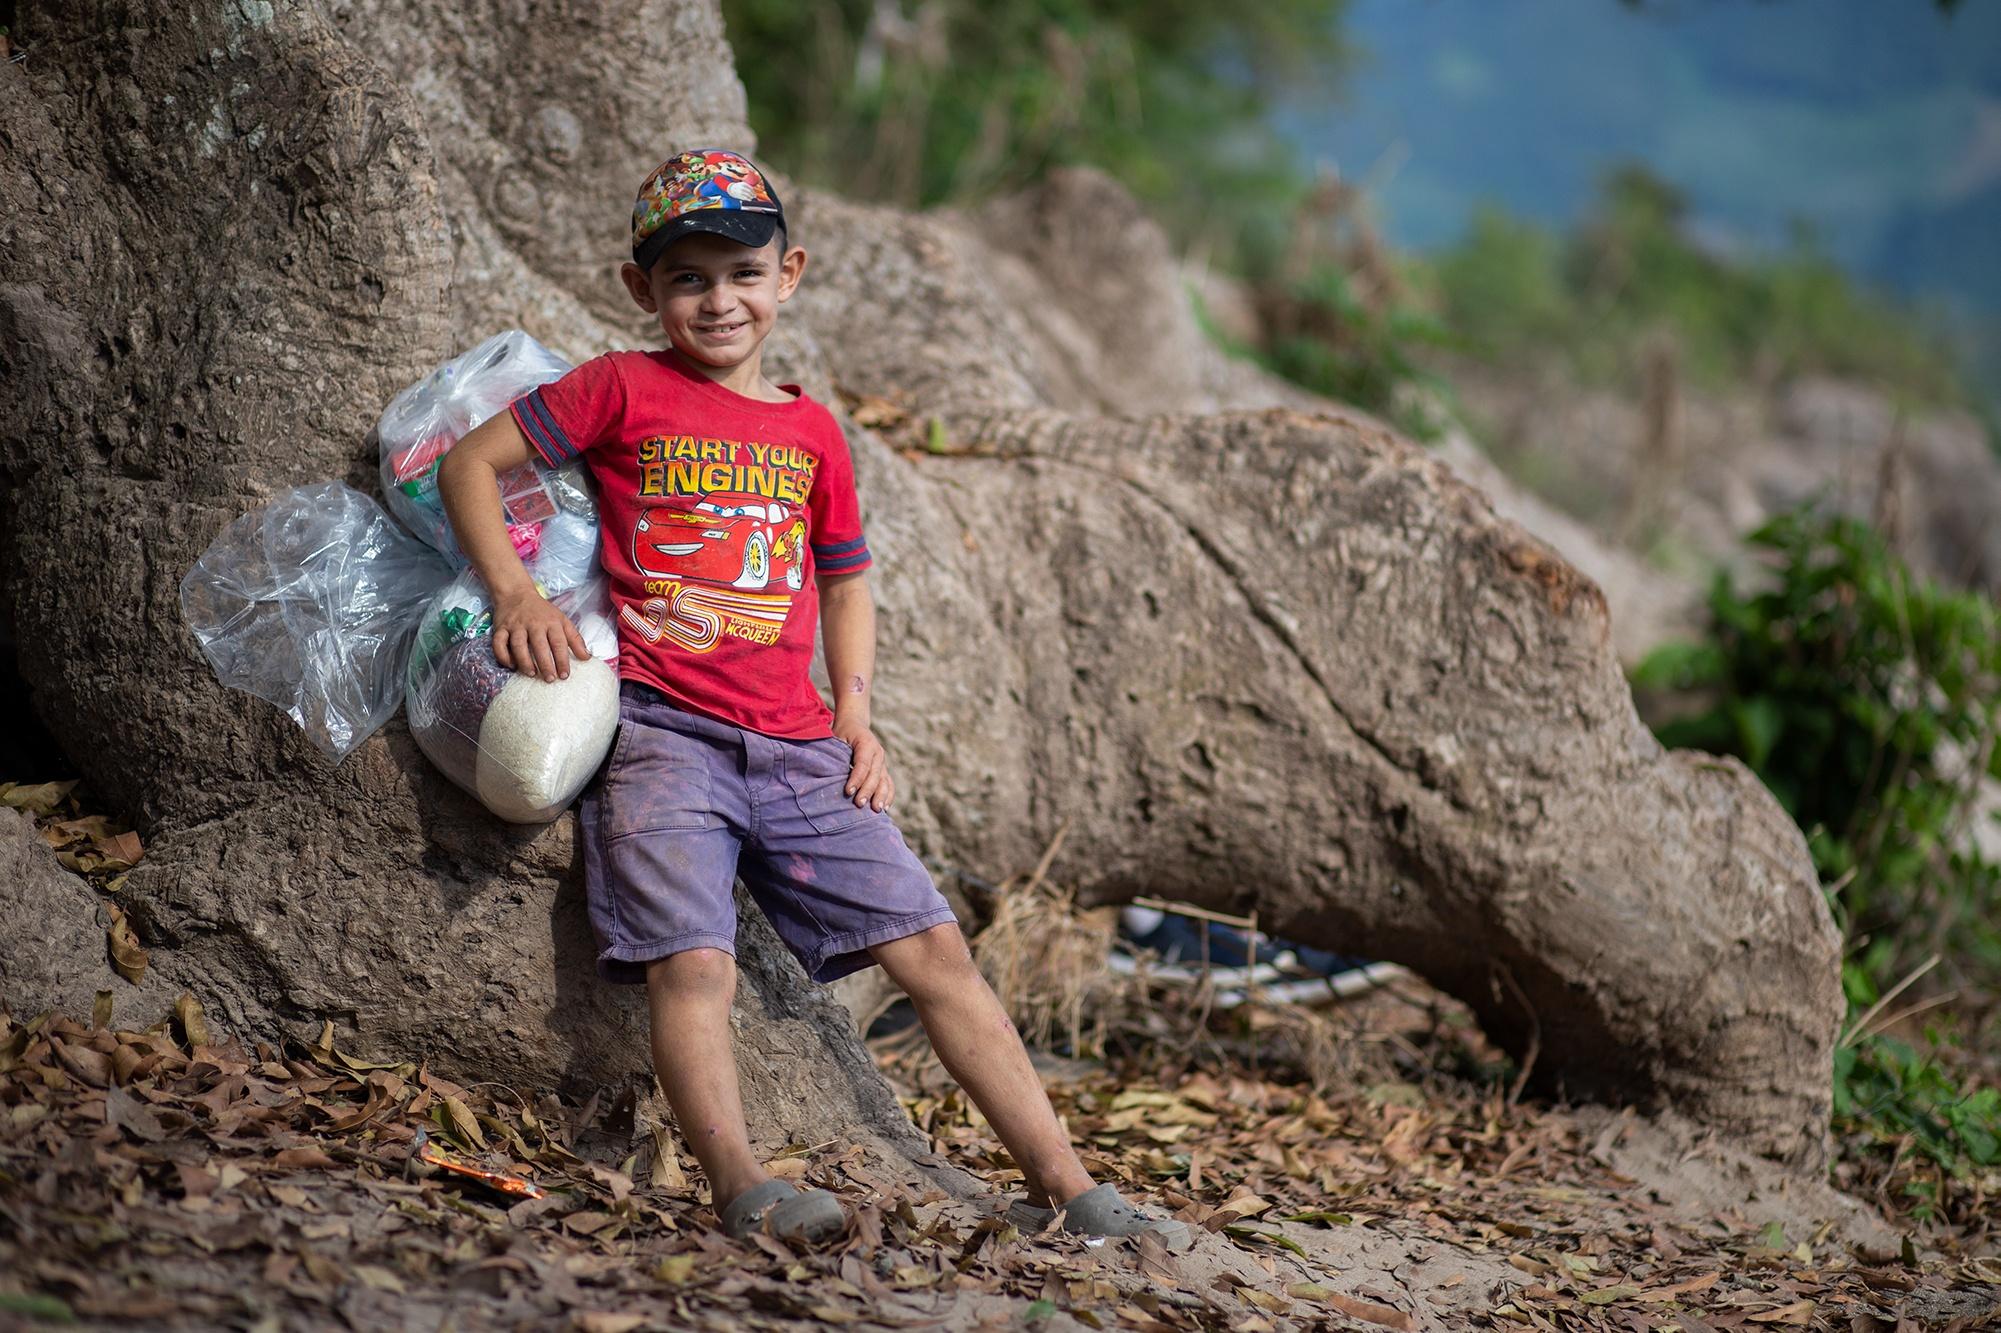 Ángel, de 9 años, debe cargar desde la orilla del río Ulúa hasta su casa, la ayuda alimenticia que el Movimiento Ambientalista Santabarbarense ha gestionado para su comunidad. Santa Bárbara, 25 de enero de 2021. Foto: Martín Cálix.